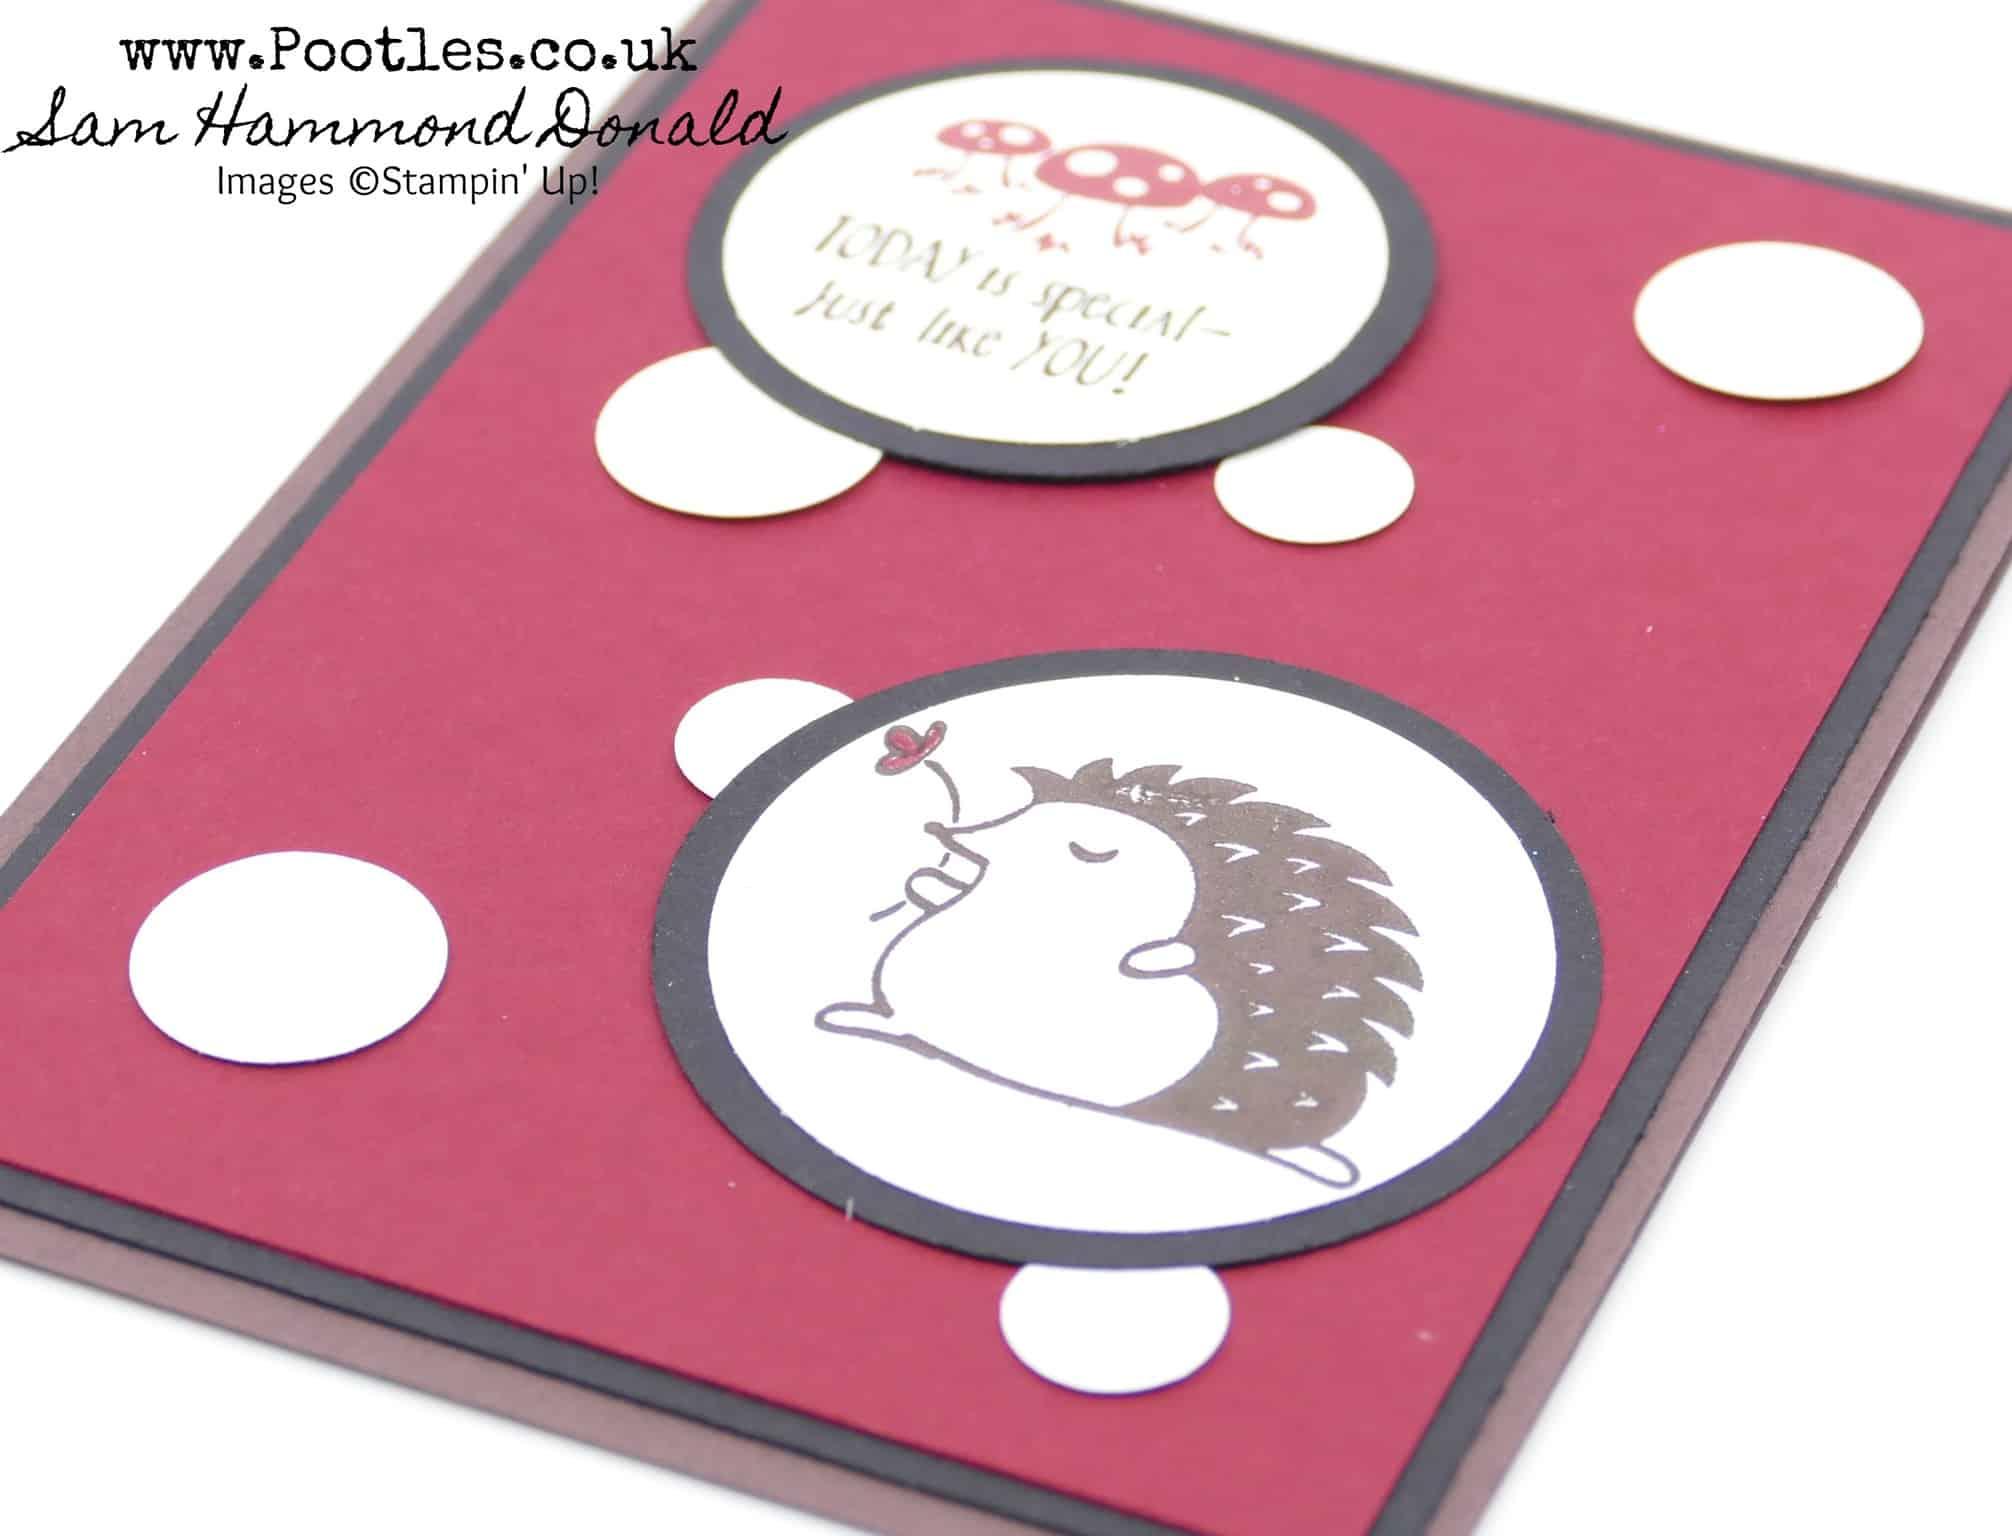 Toadstool Hedgehugs Card for Pootlers Team Swaps!